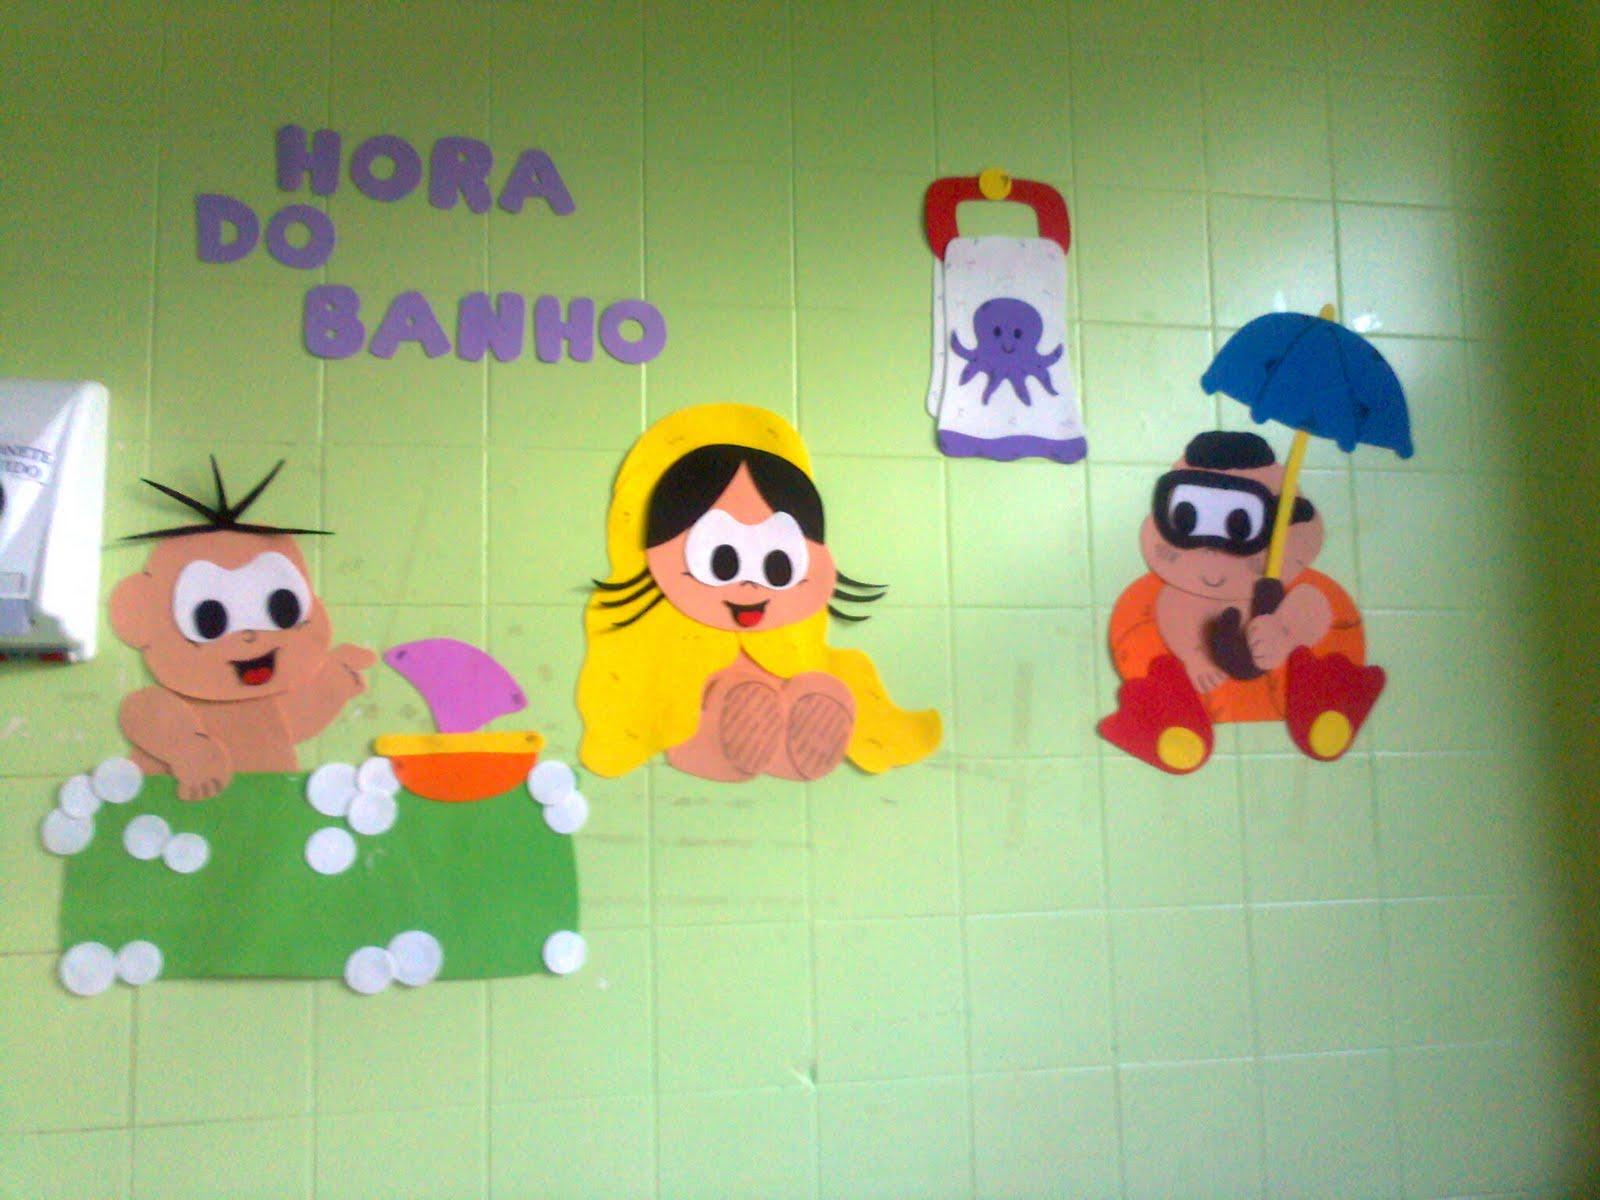 JUJU ARTE EM EVA DECORAÇÃO PARA BANHEIRO # Decoracao Banheiro Educacao Infantil